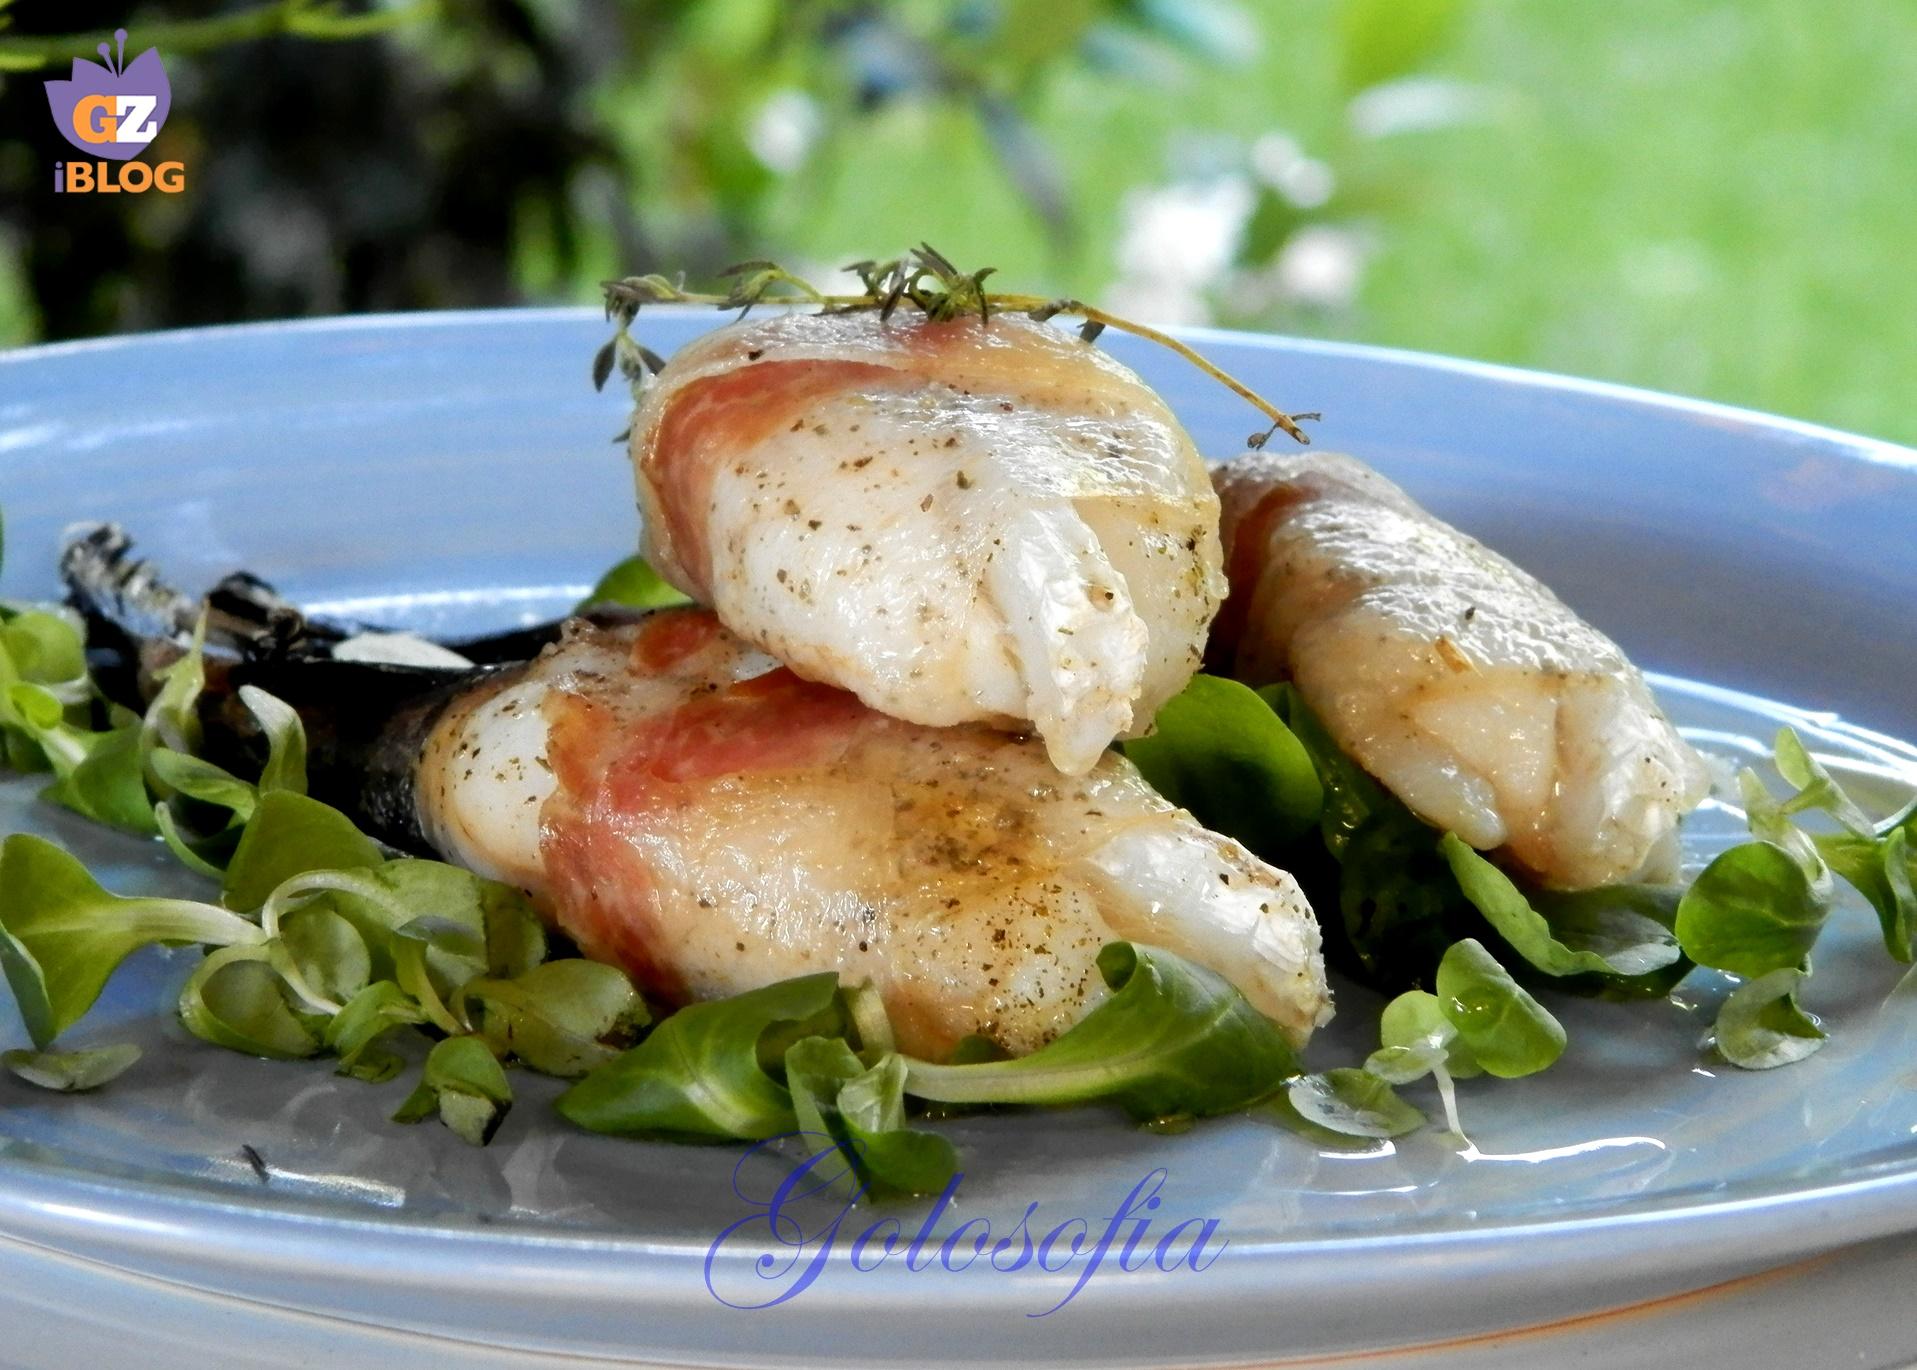 Ricerca ricette con filetto rana pescatrice for Cucinare rana pescatrice